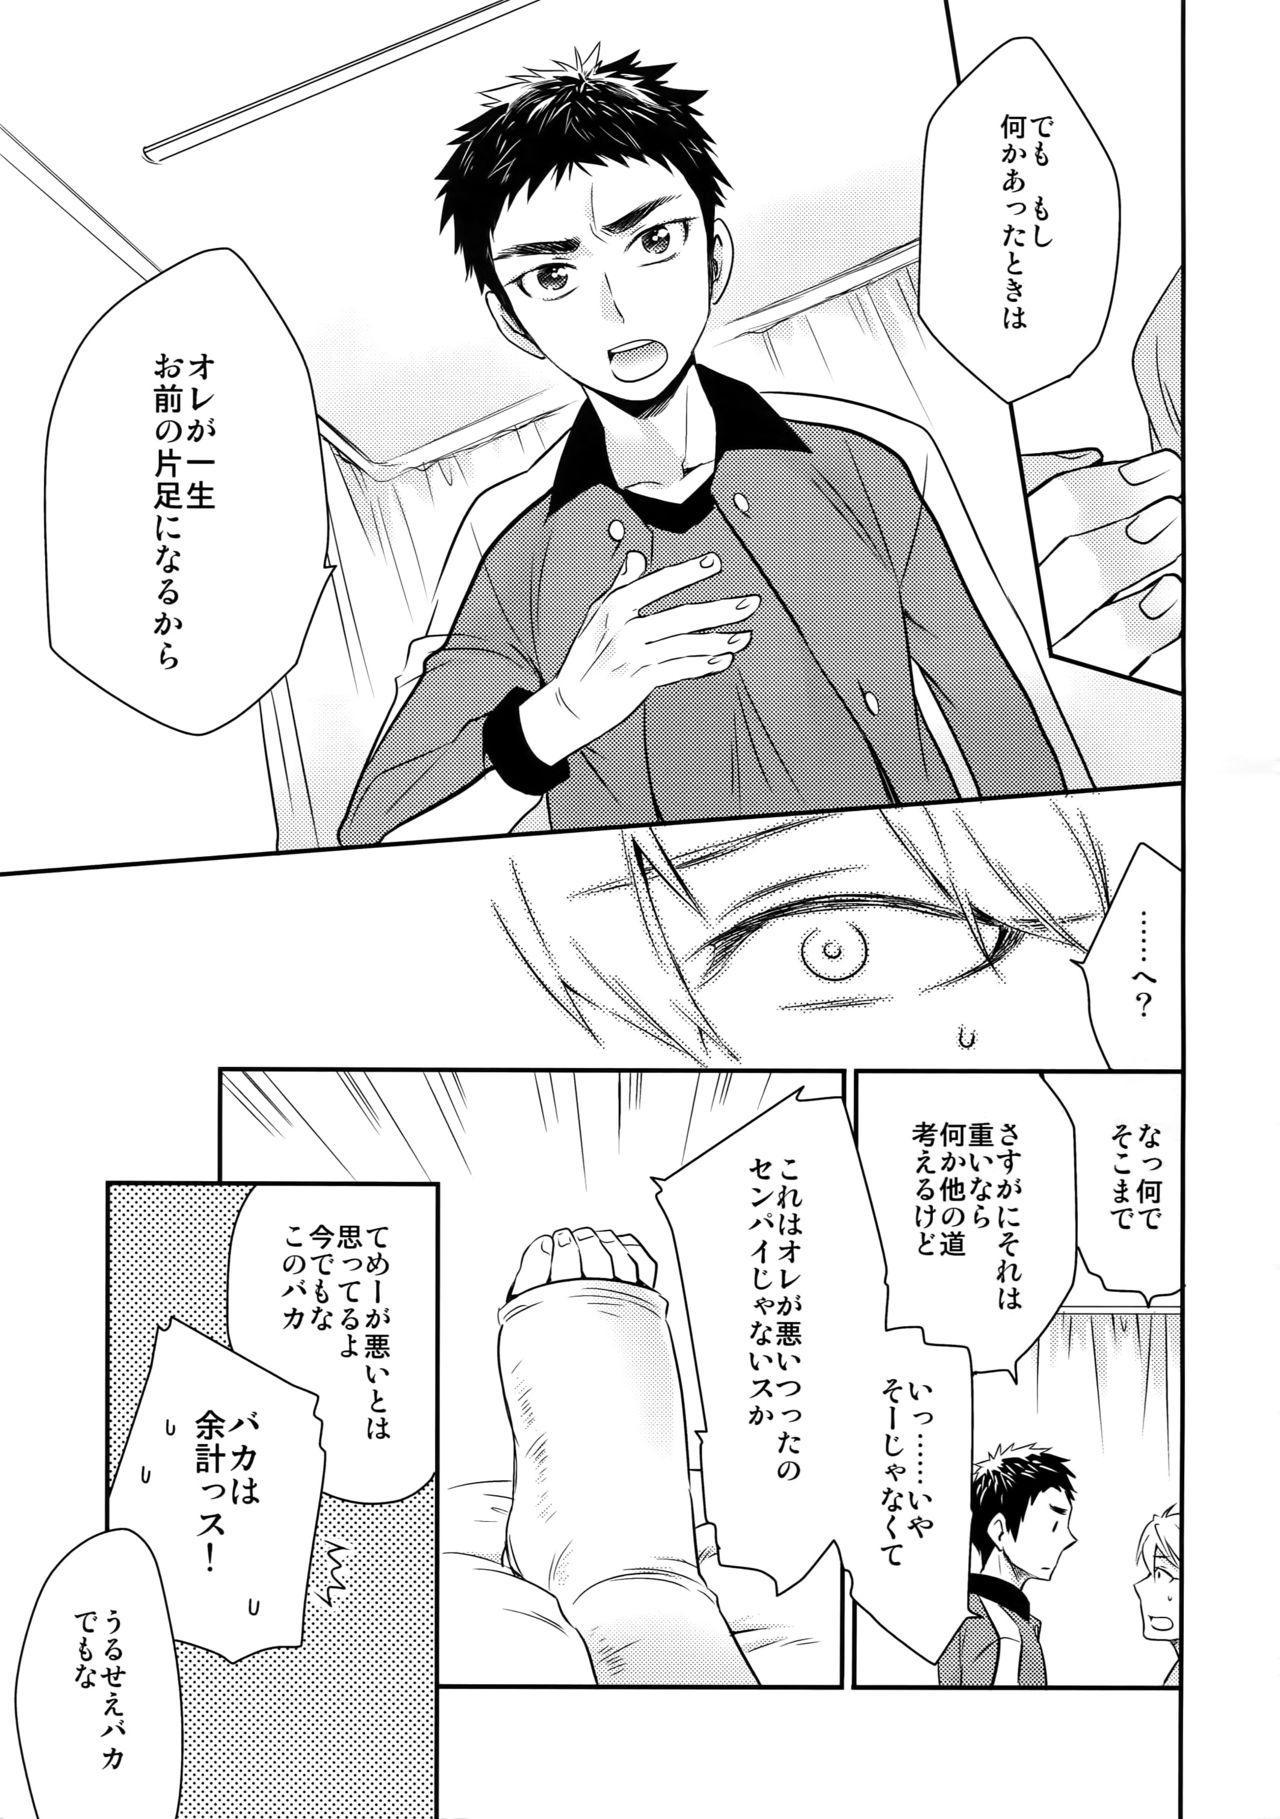 [Bakuchi Jinsei SP (Satsuki Fumi)] Kanpeki Kareshi to Zettai Ryouiki Ouji-sama - Another Version - (Kuroko no Basket) 131